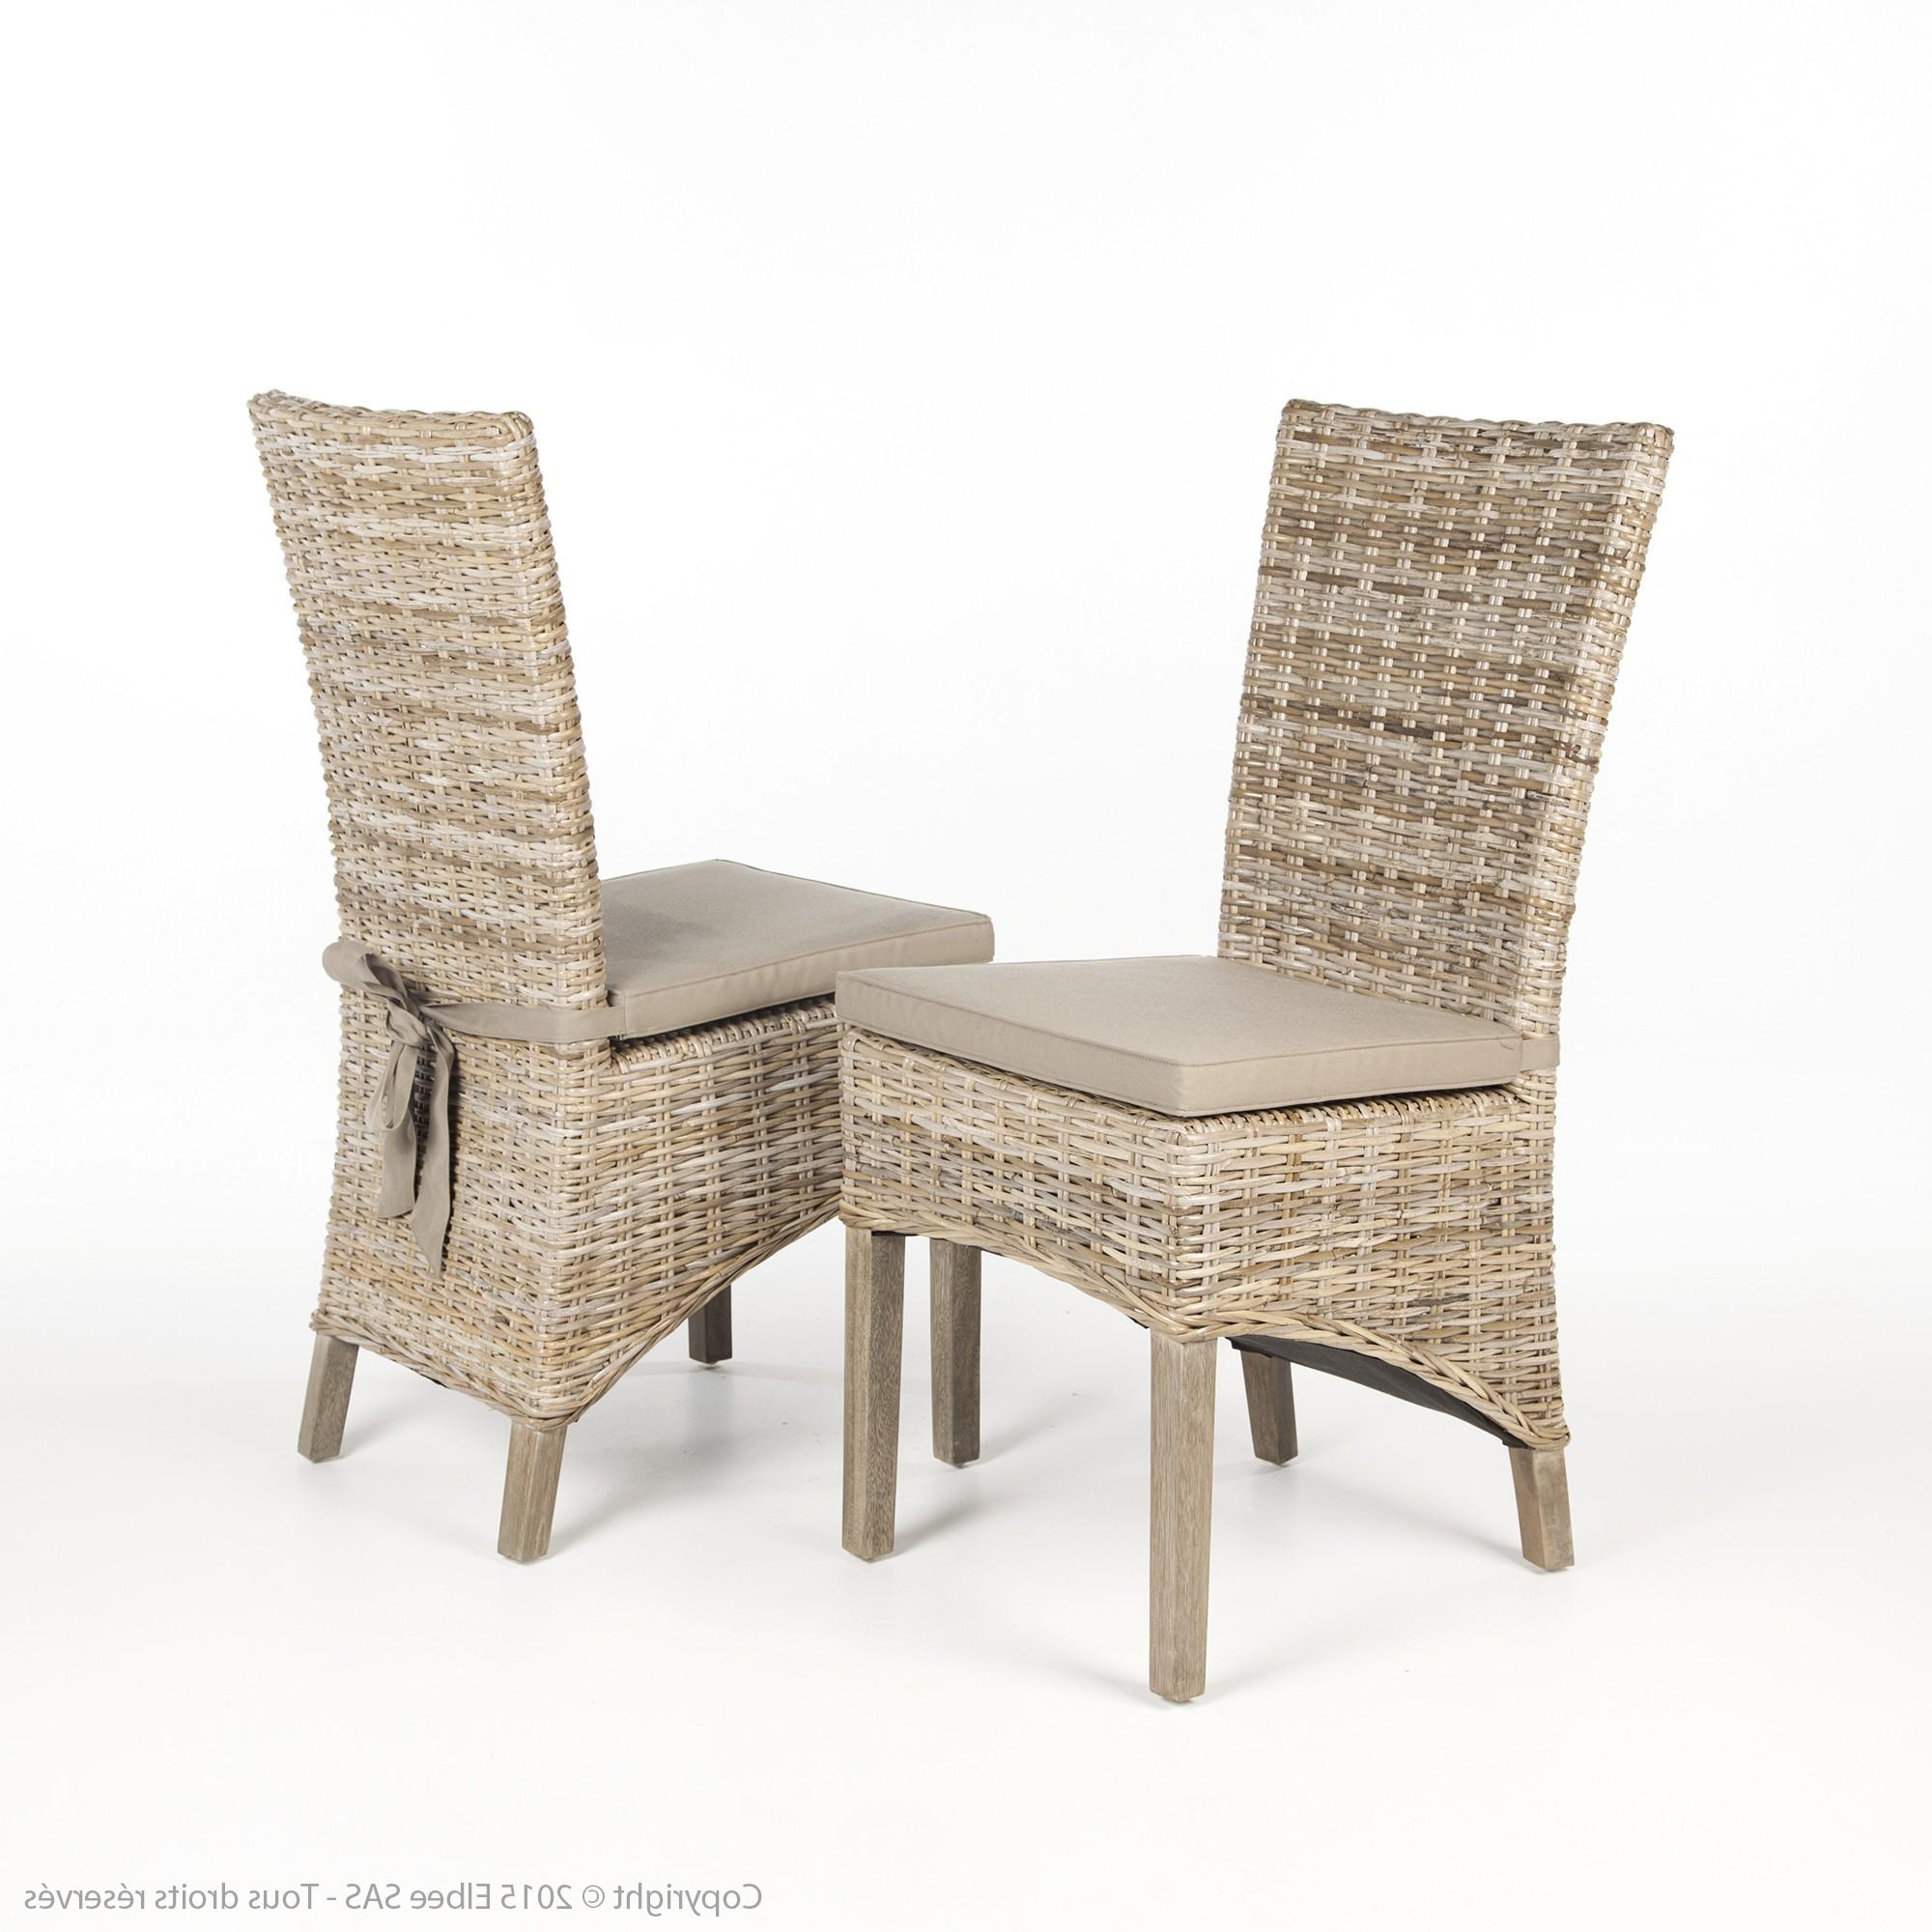 Chaise en kubu tresse conceptions de maison for Chaise en kubu pas cher